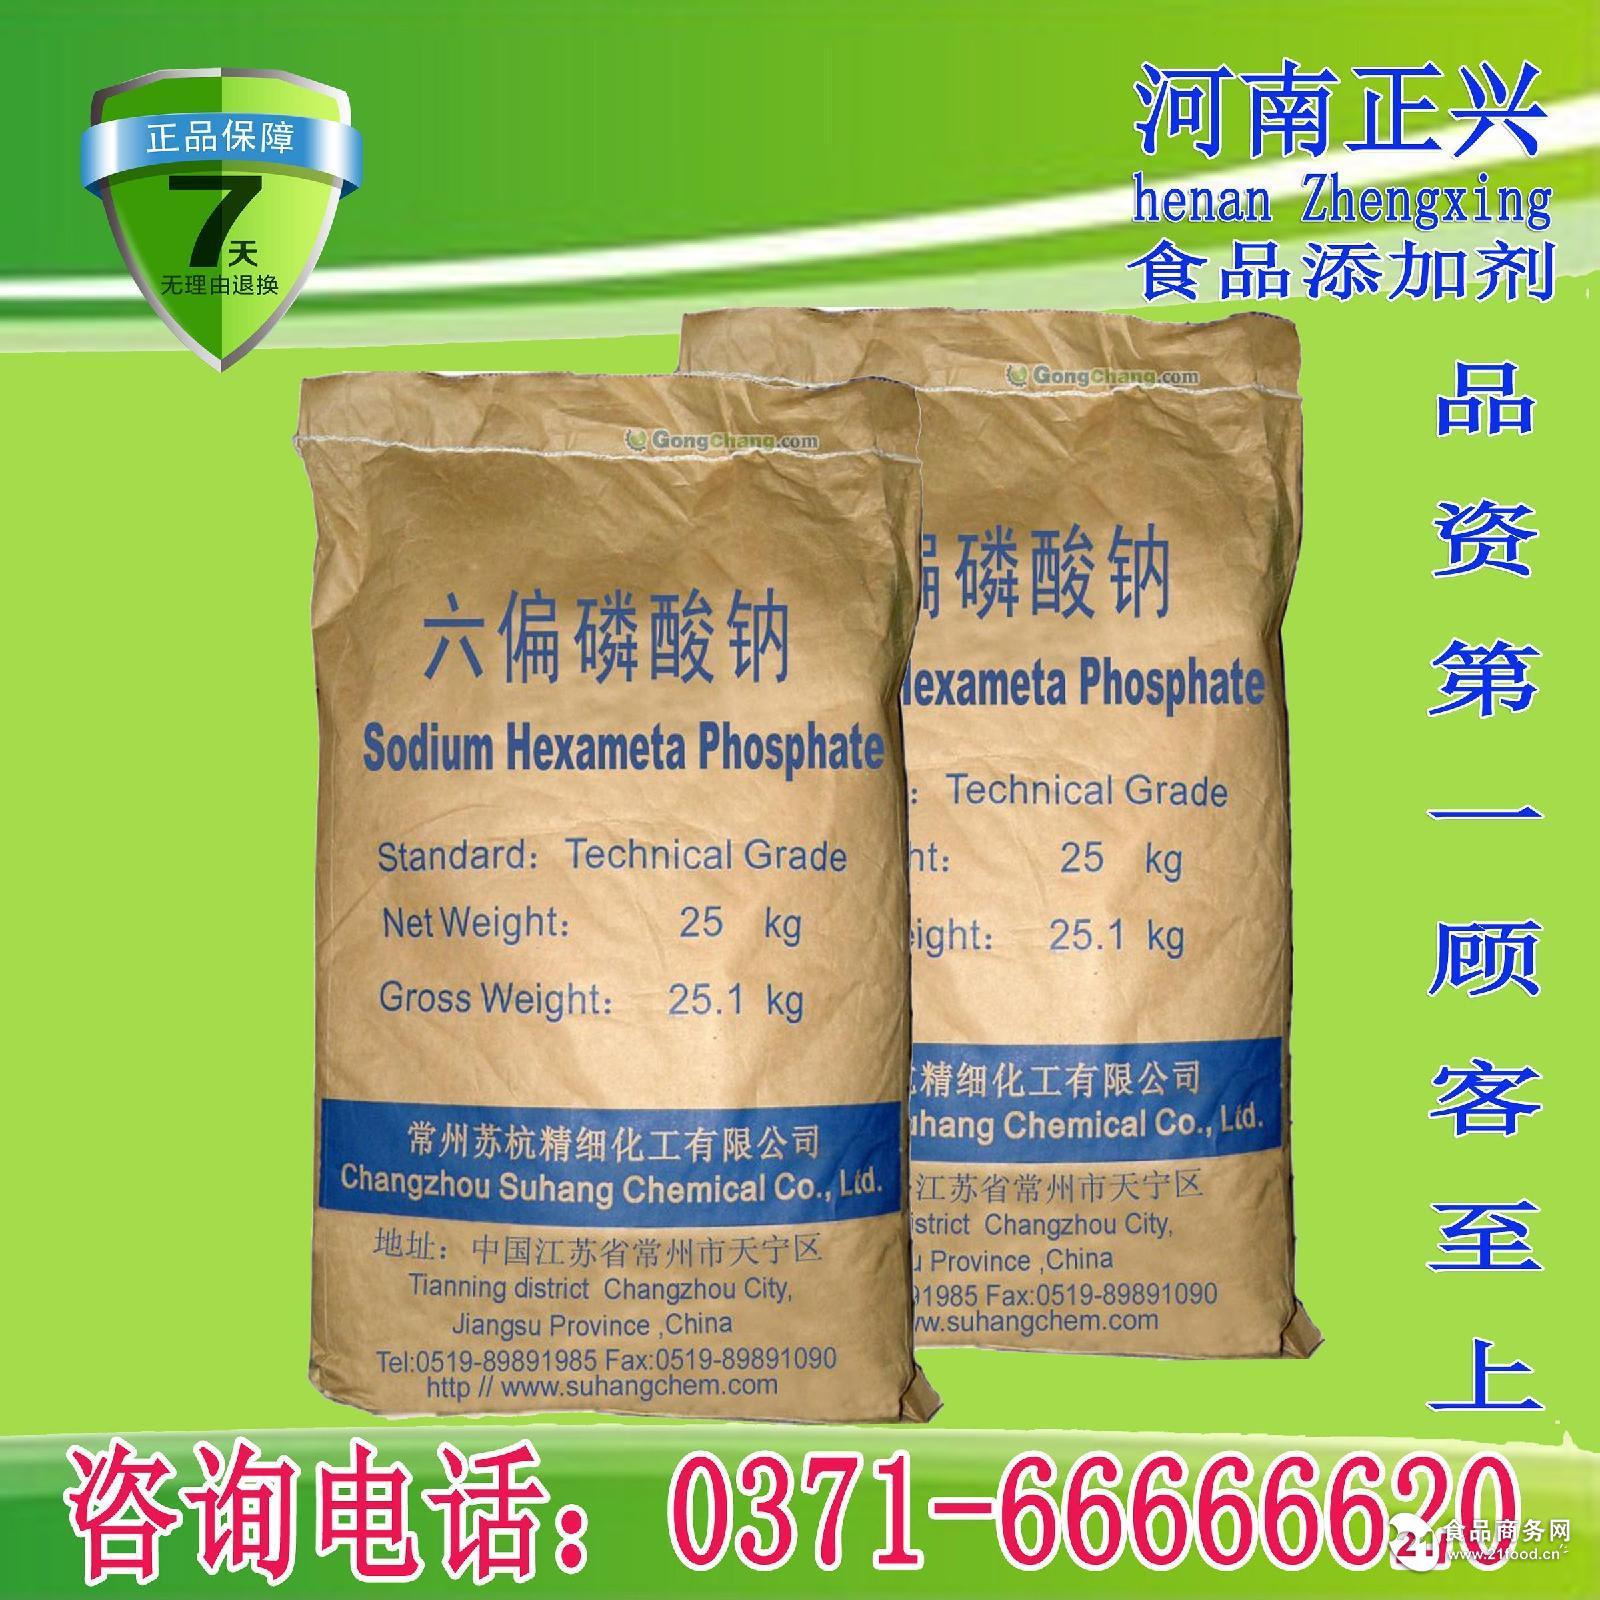 食品级 六偏磷酸钠 99% 质量保证